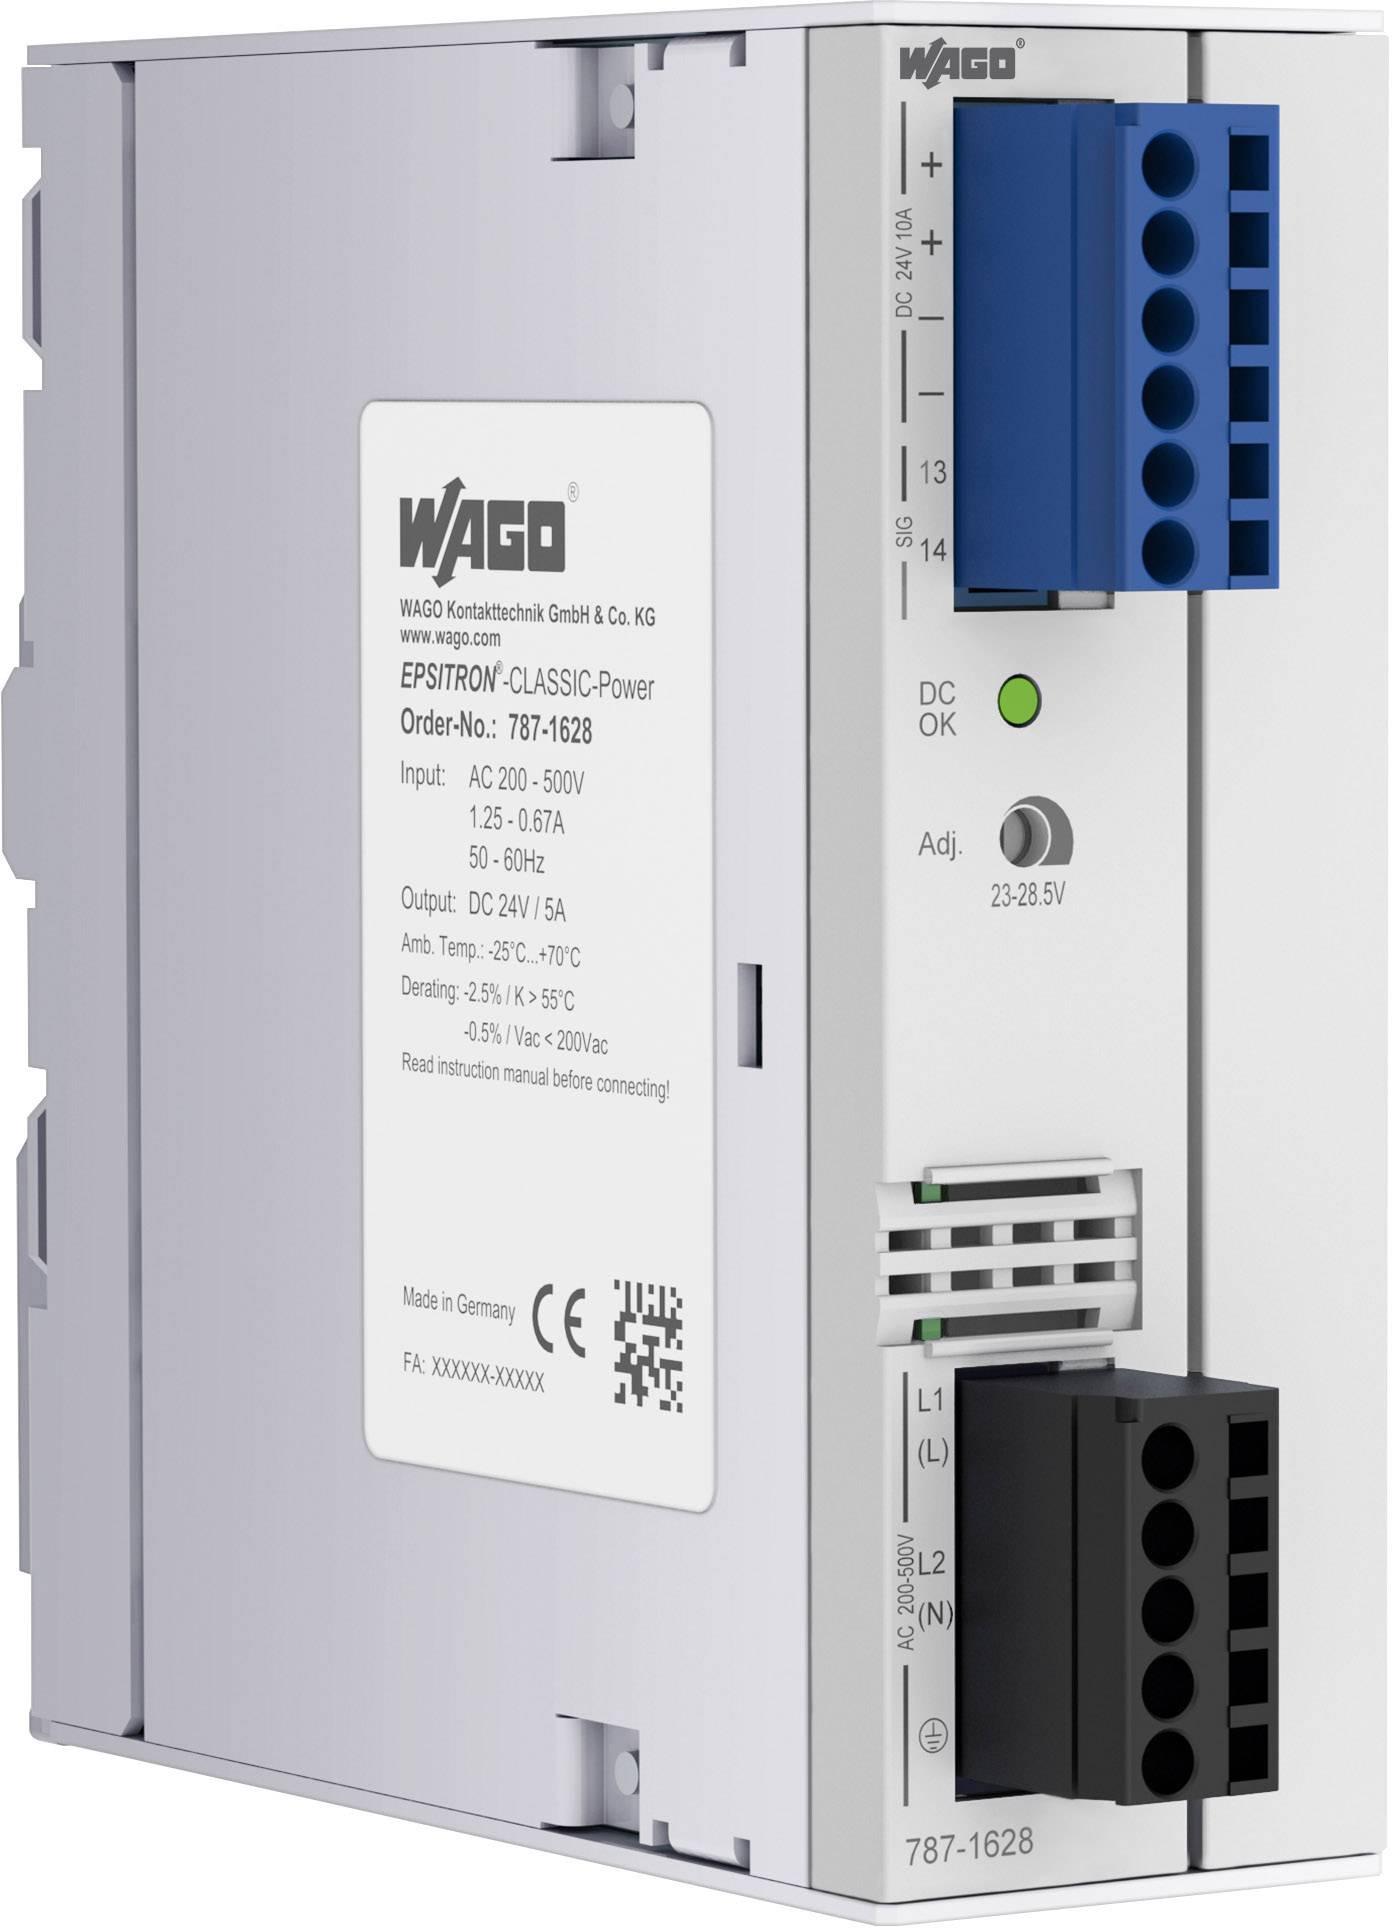 Sieťový zdroj na montážnu lištu (DIN lištu) WAGO 787-1628, 1 x, 24 V, 5 A, 120 W